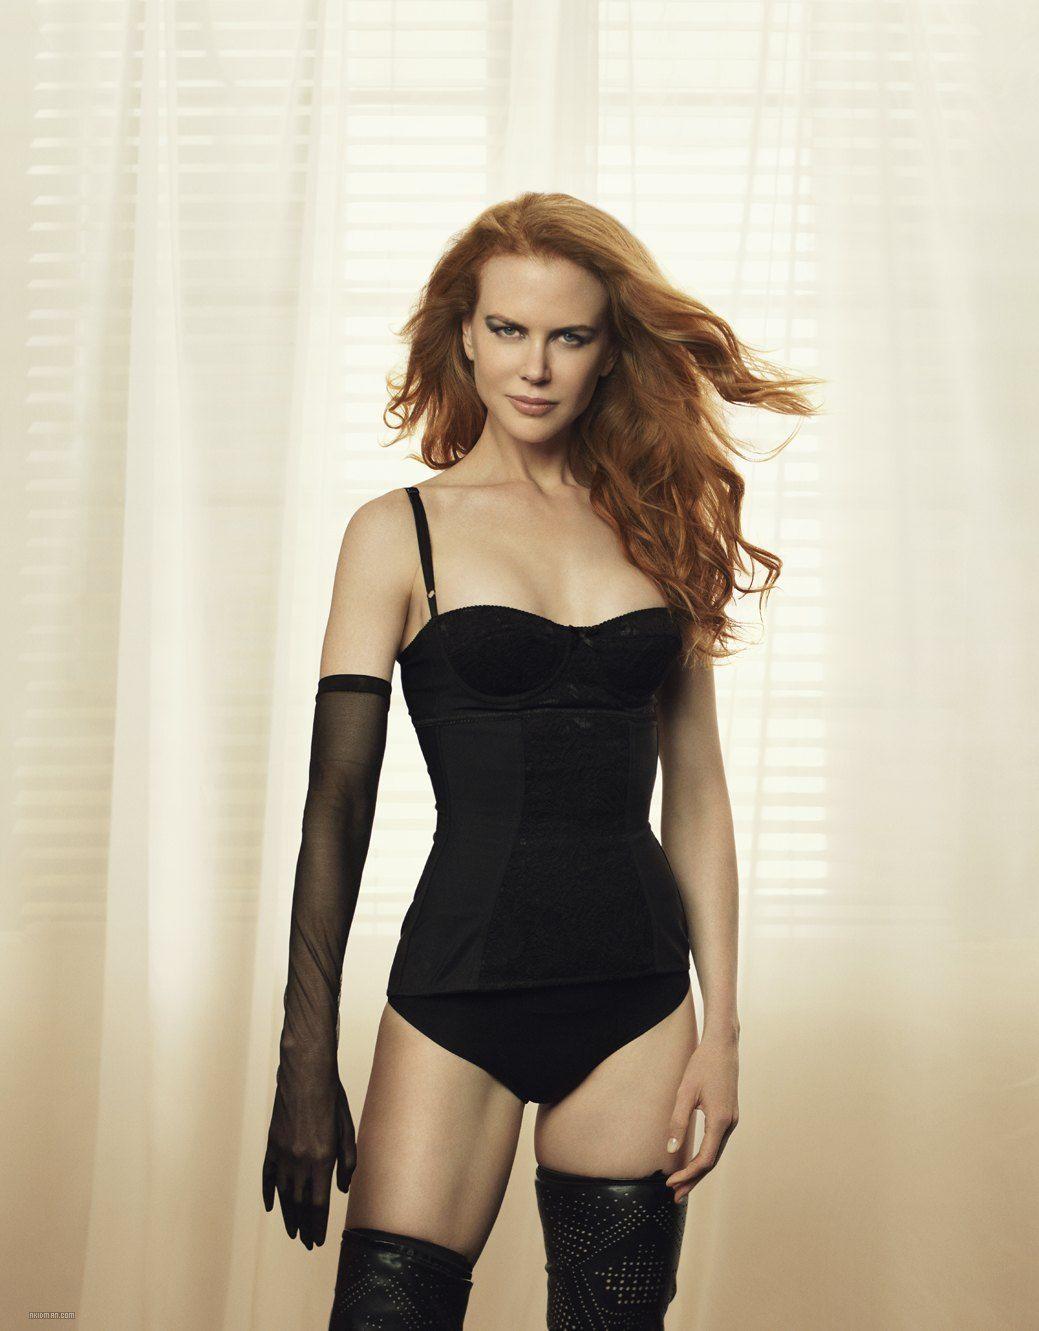 Imagini pentru Nicole Kidman sexy